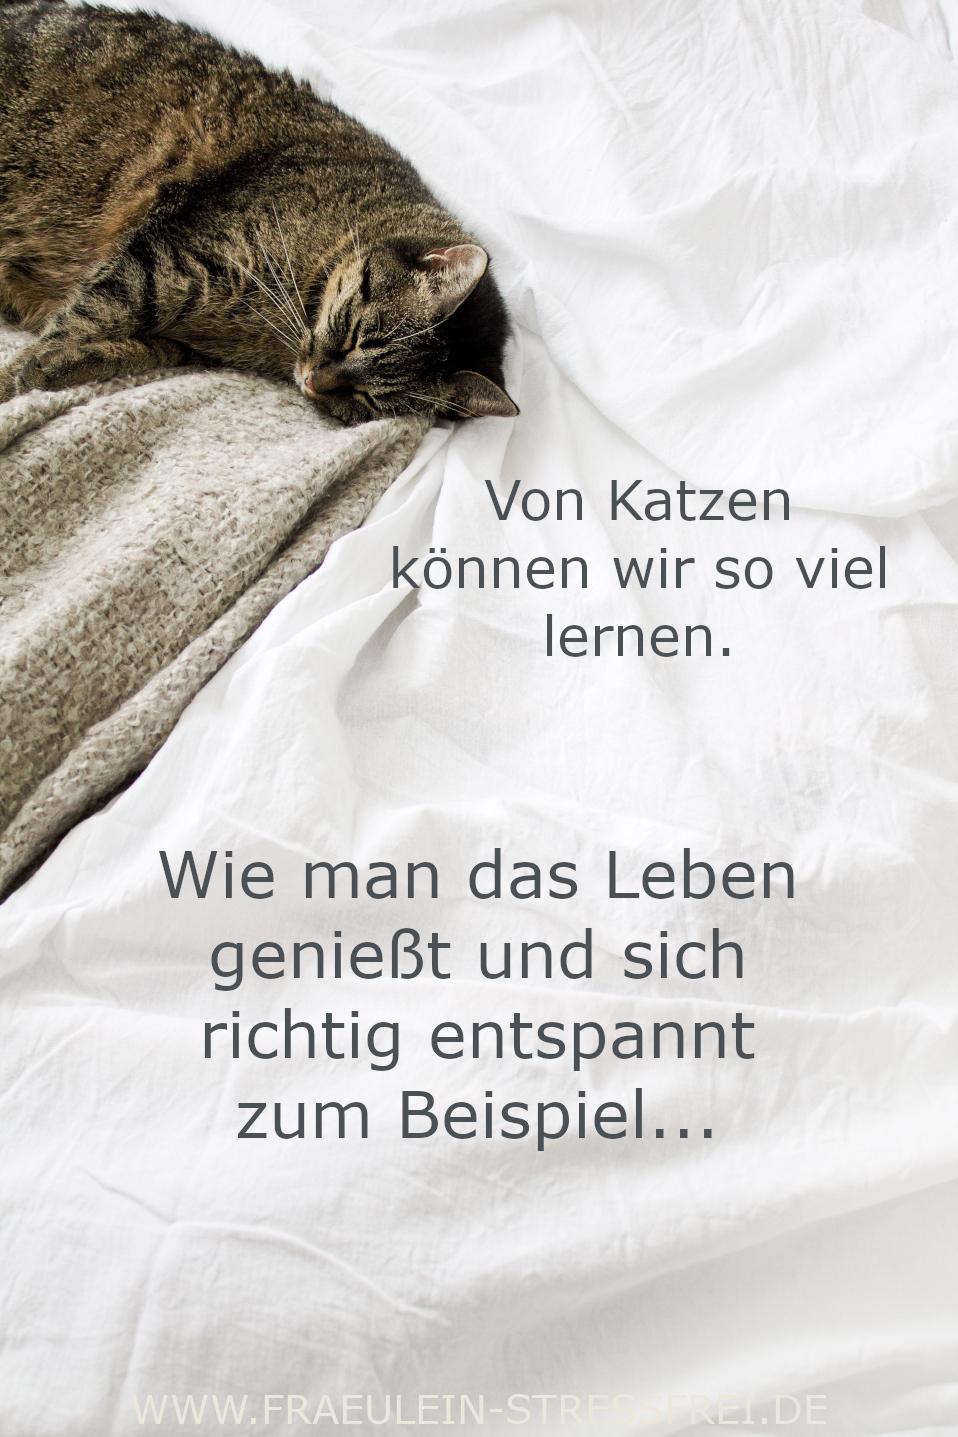 Von Katzen können wir so viel lernen. Wie man das Leben genießt und richtig entspannt zum Beispiel.